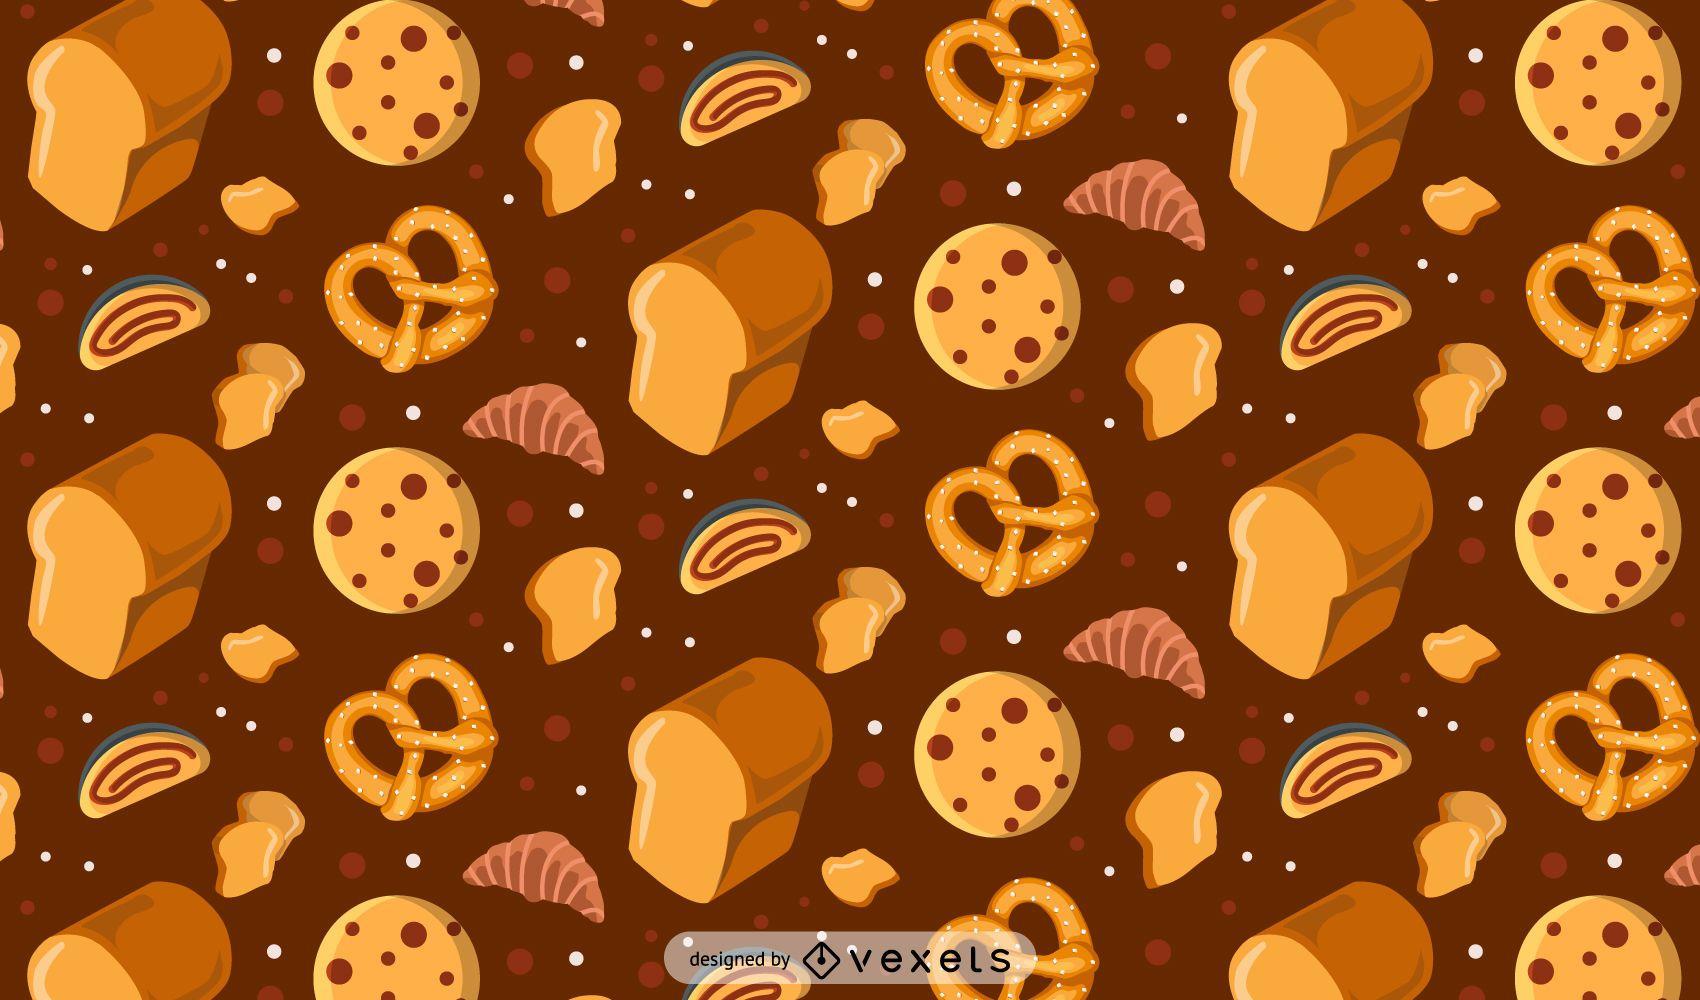 Patrón de panadería perfecta